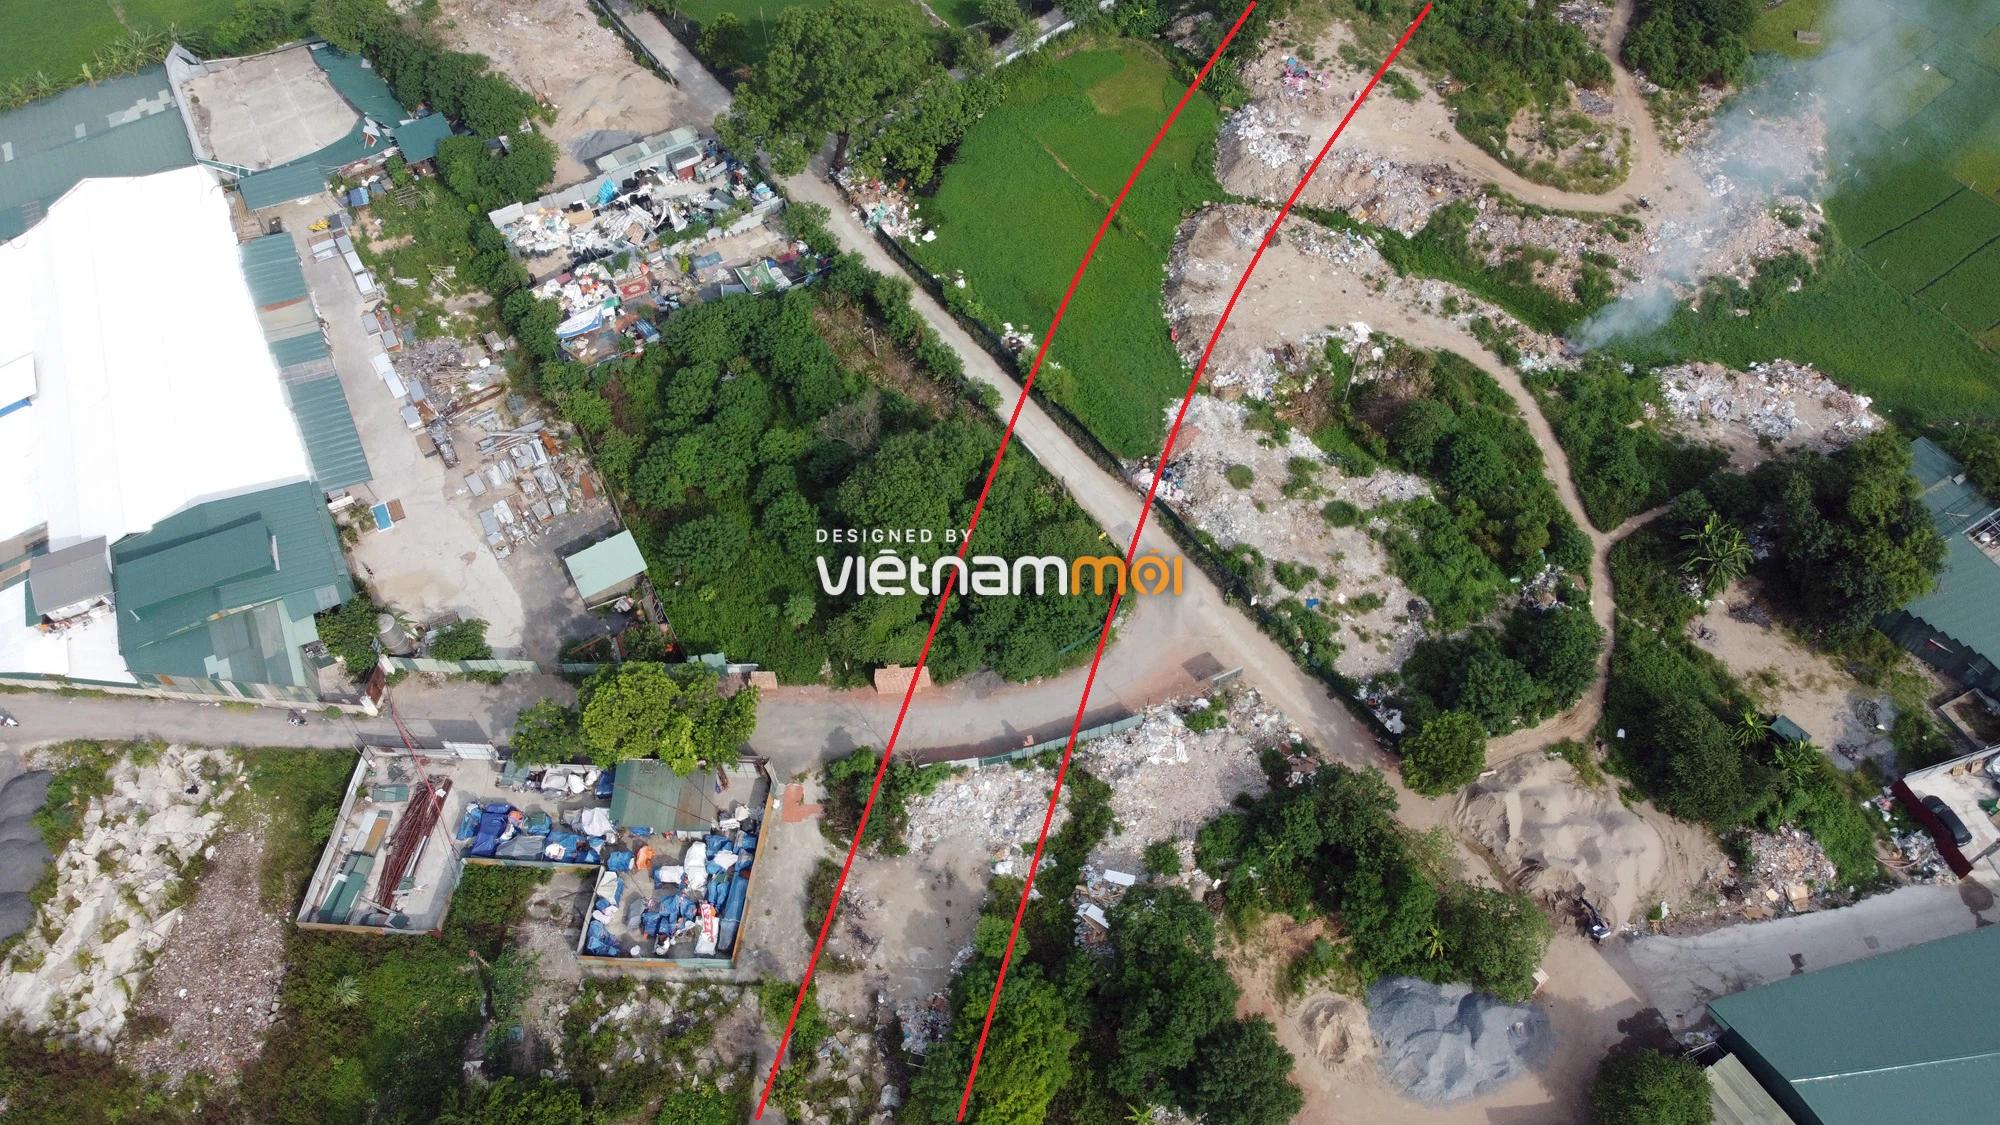 Những khu đất sắp thu hồi để mở đường ở xã Tân Triều, Thanh Trì, Hà Nội (phần 4) - Ảnh 4.